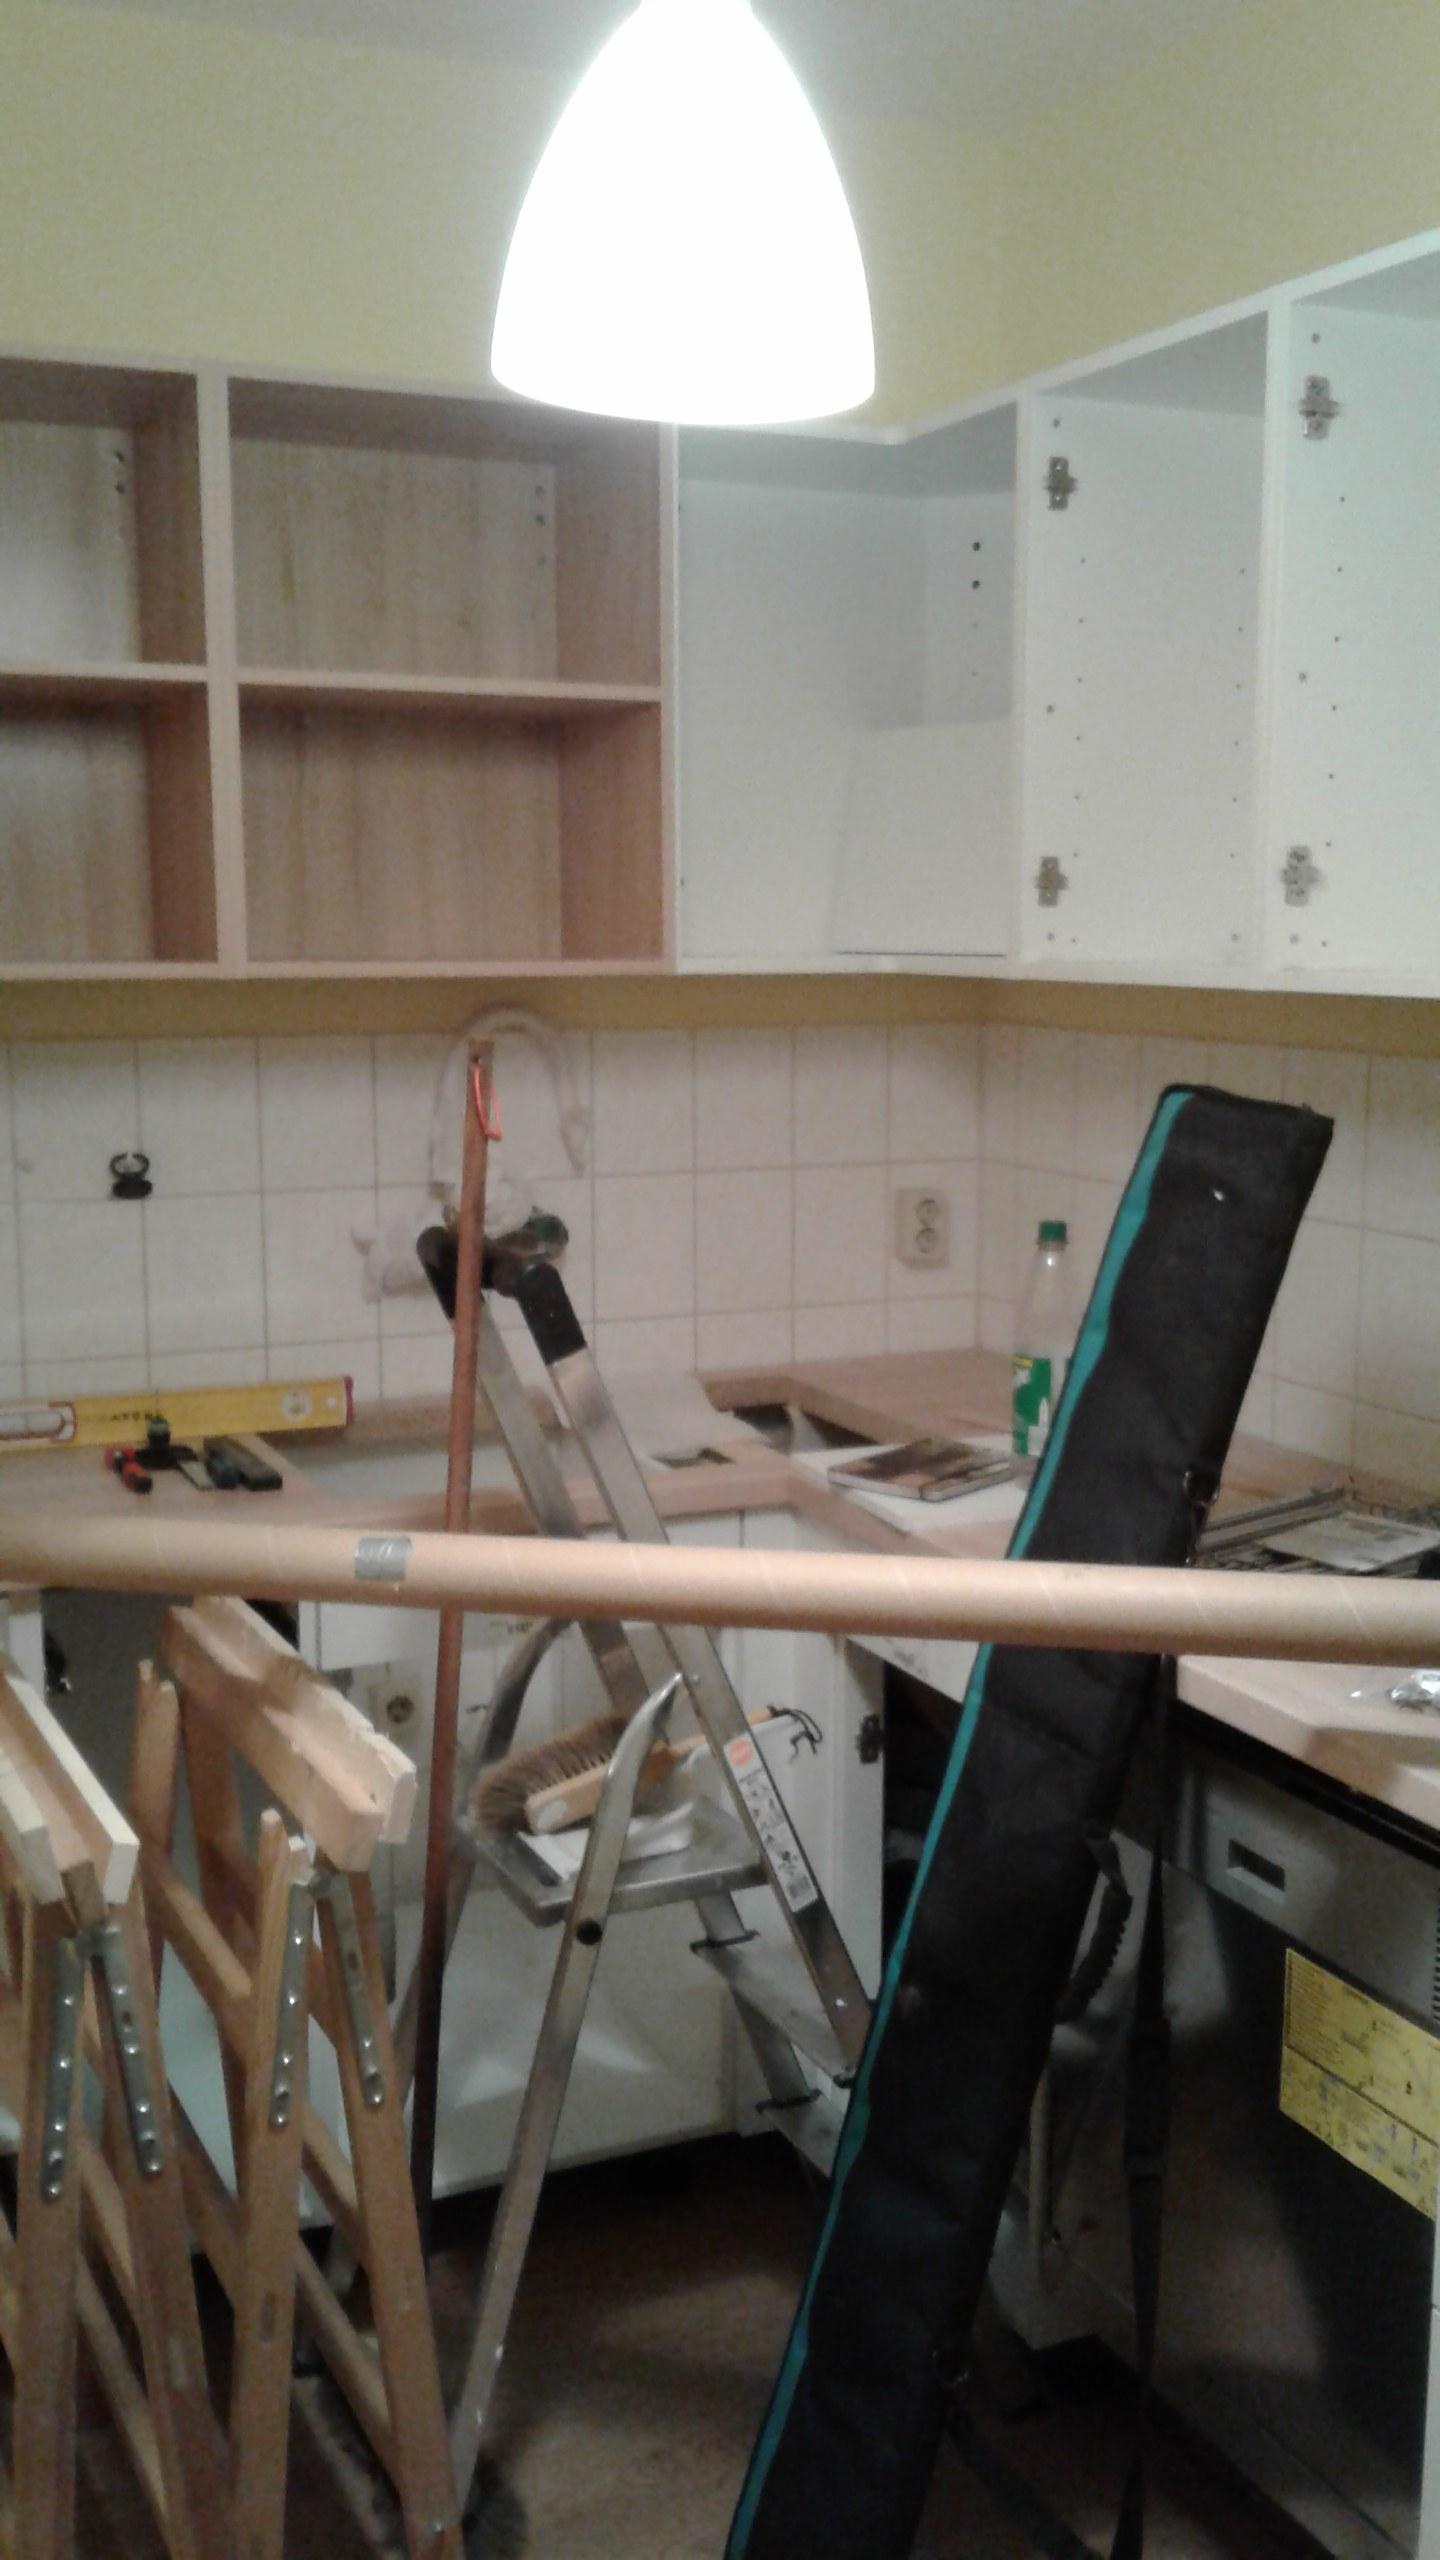 2019-12-09-Einbauarbeiten